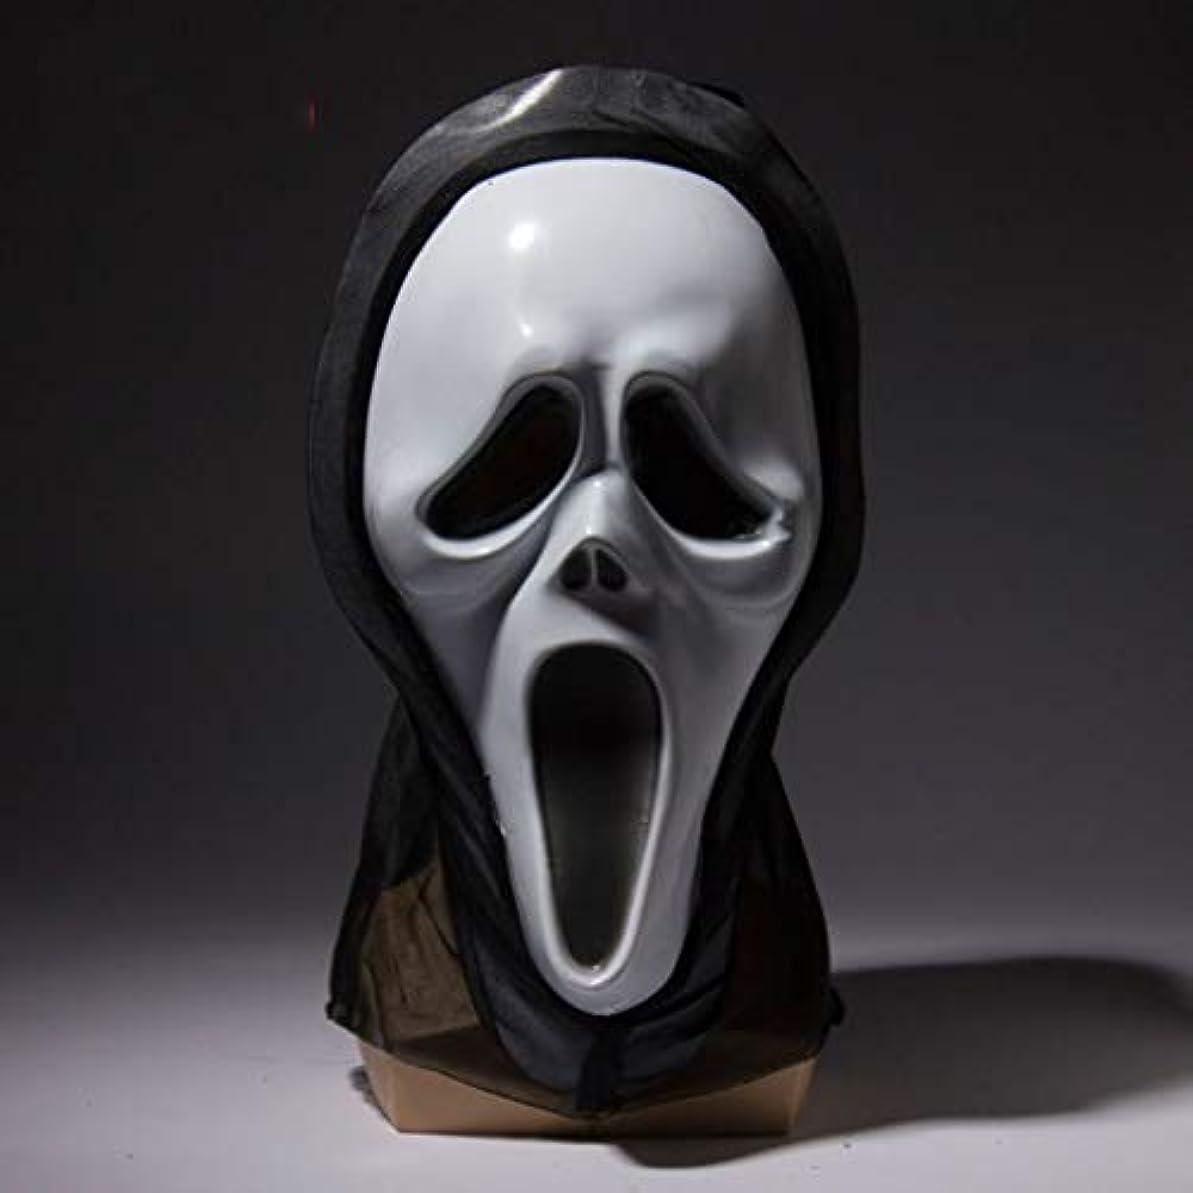 セージゲートウェイ請求可能ハロウィーン悲鳴悪魔ホラーマスクしかめっ面怖いゾンビヘッドギア大人ゴーストフェスティバルボールマスク